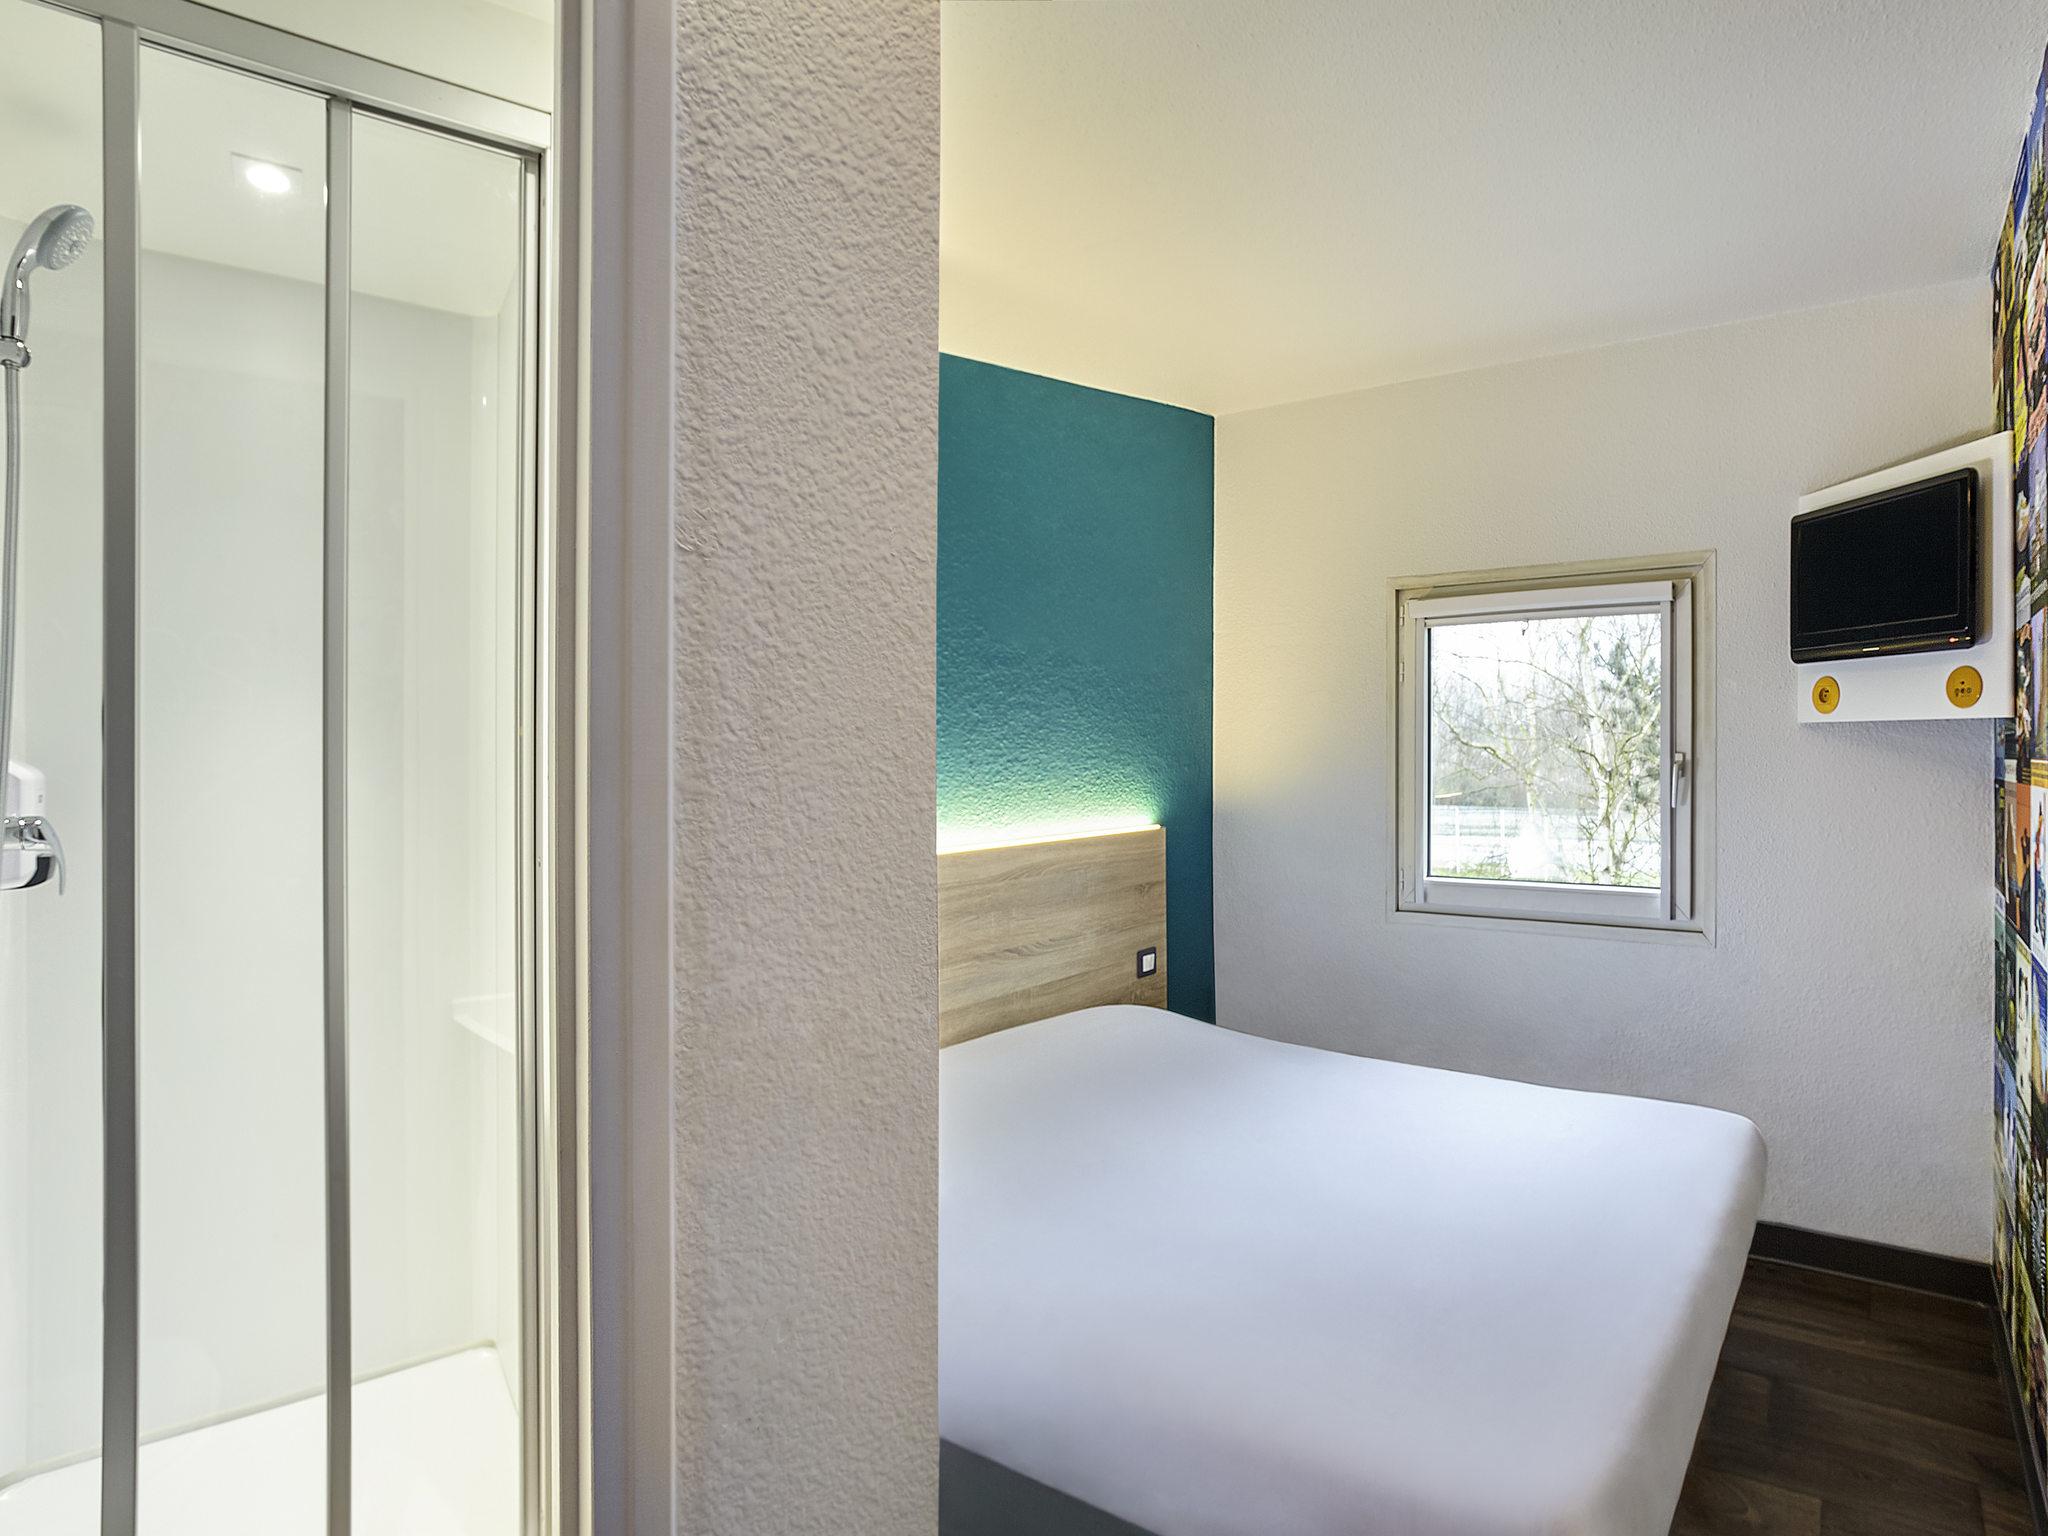 Hotel - hotelF1 Lille Métropole (Métro Mons Sarts)